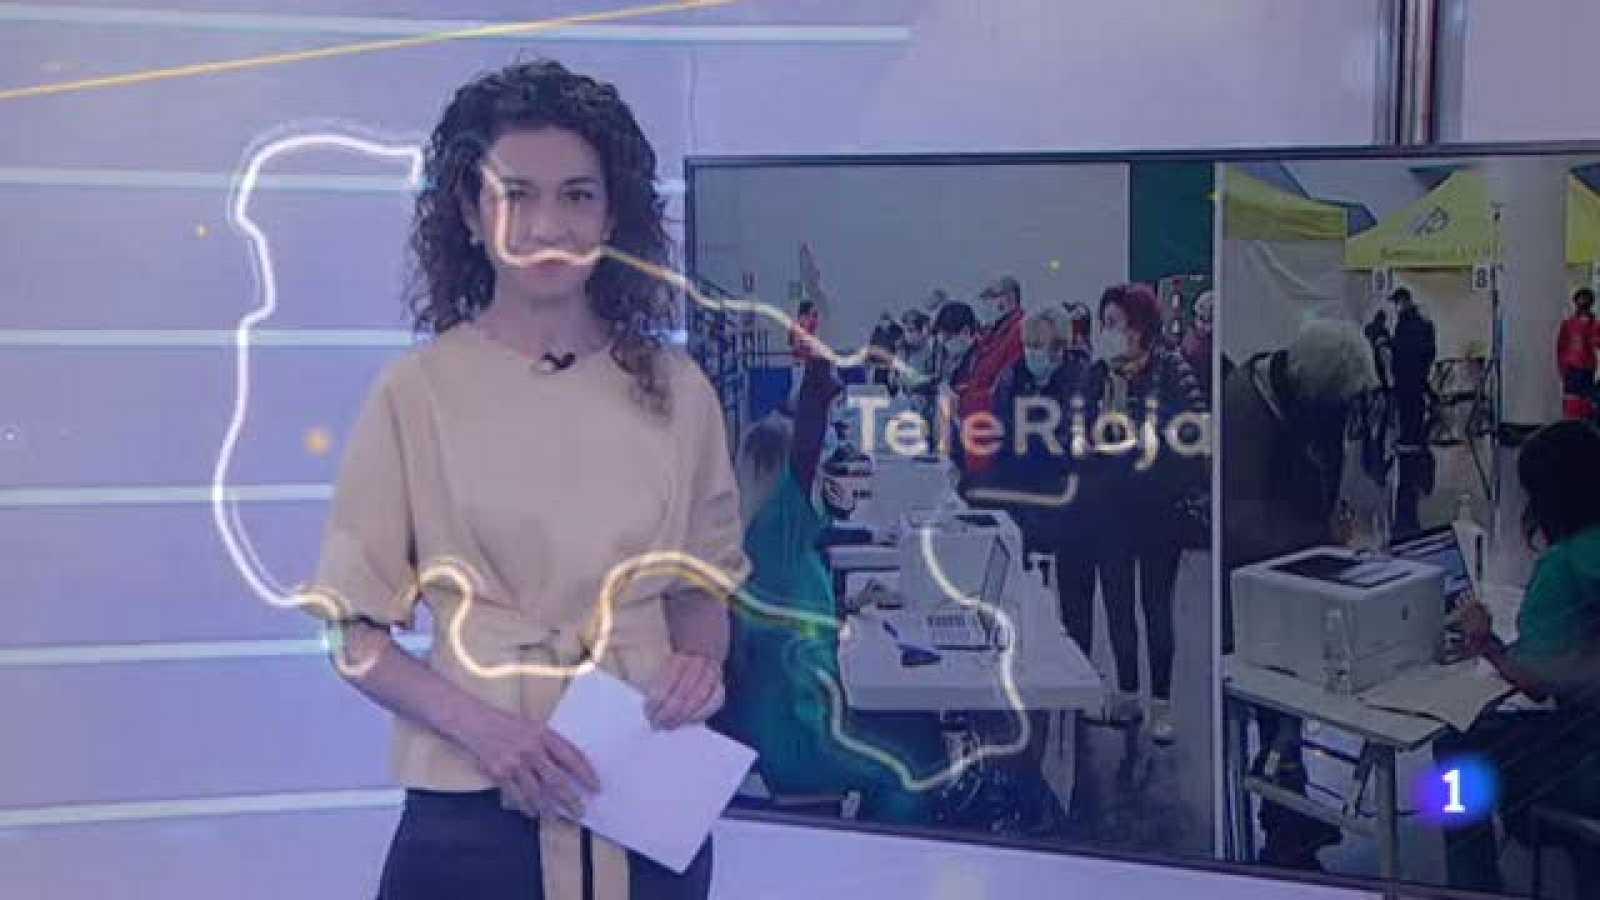 Telerioja en 2' - 12/04/21-Ver ahora